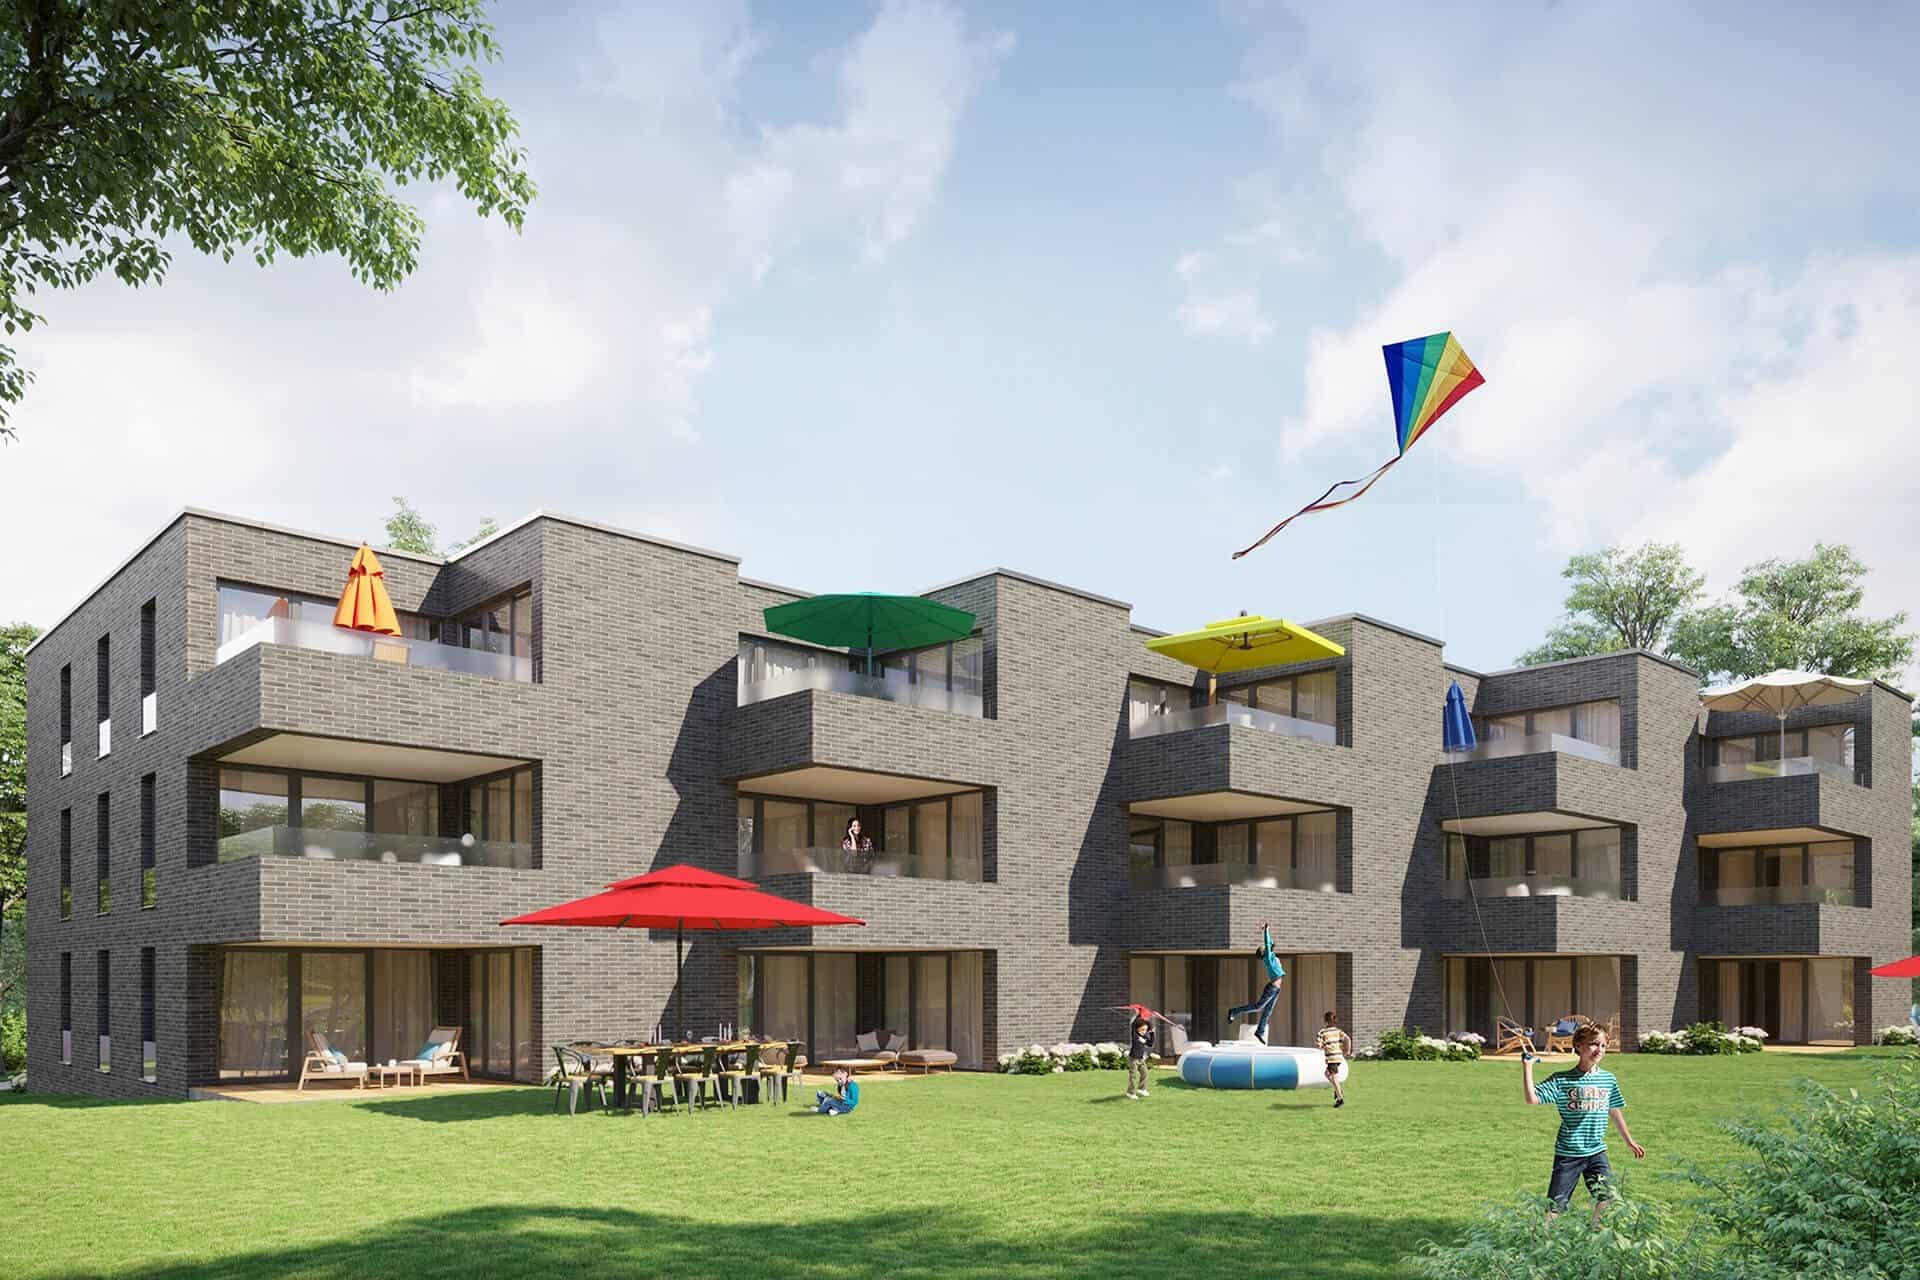 Apartment Scharmützelsee 0/2 in Wendisch Rietz